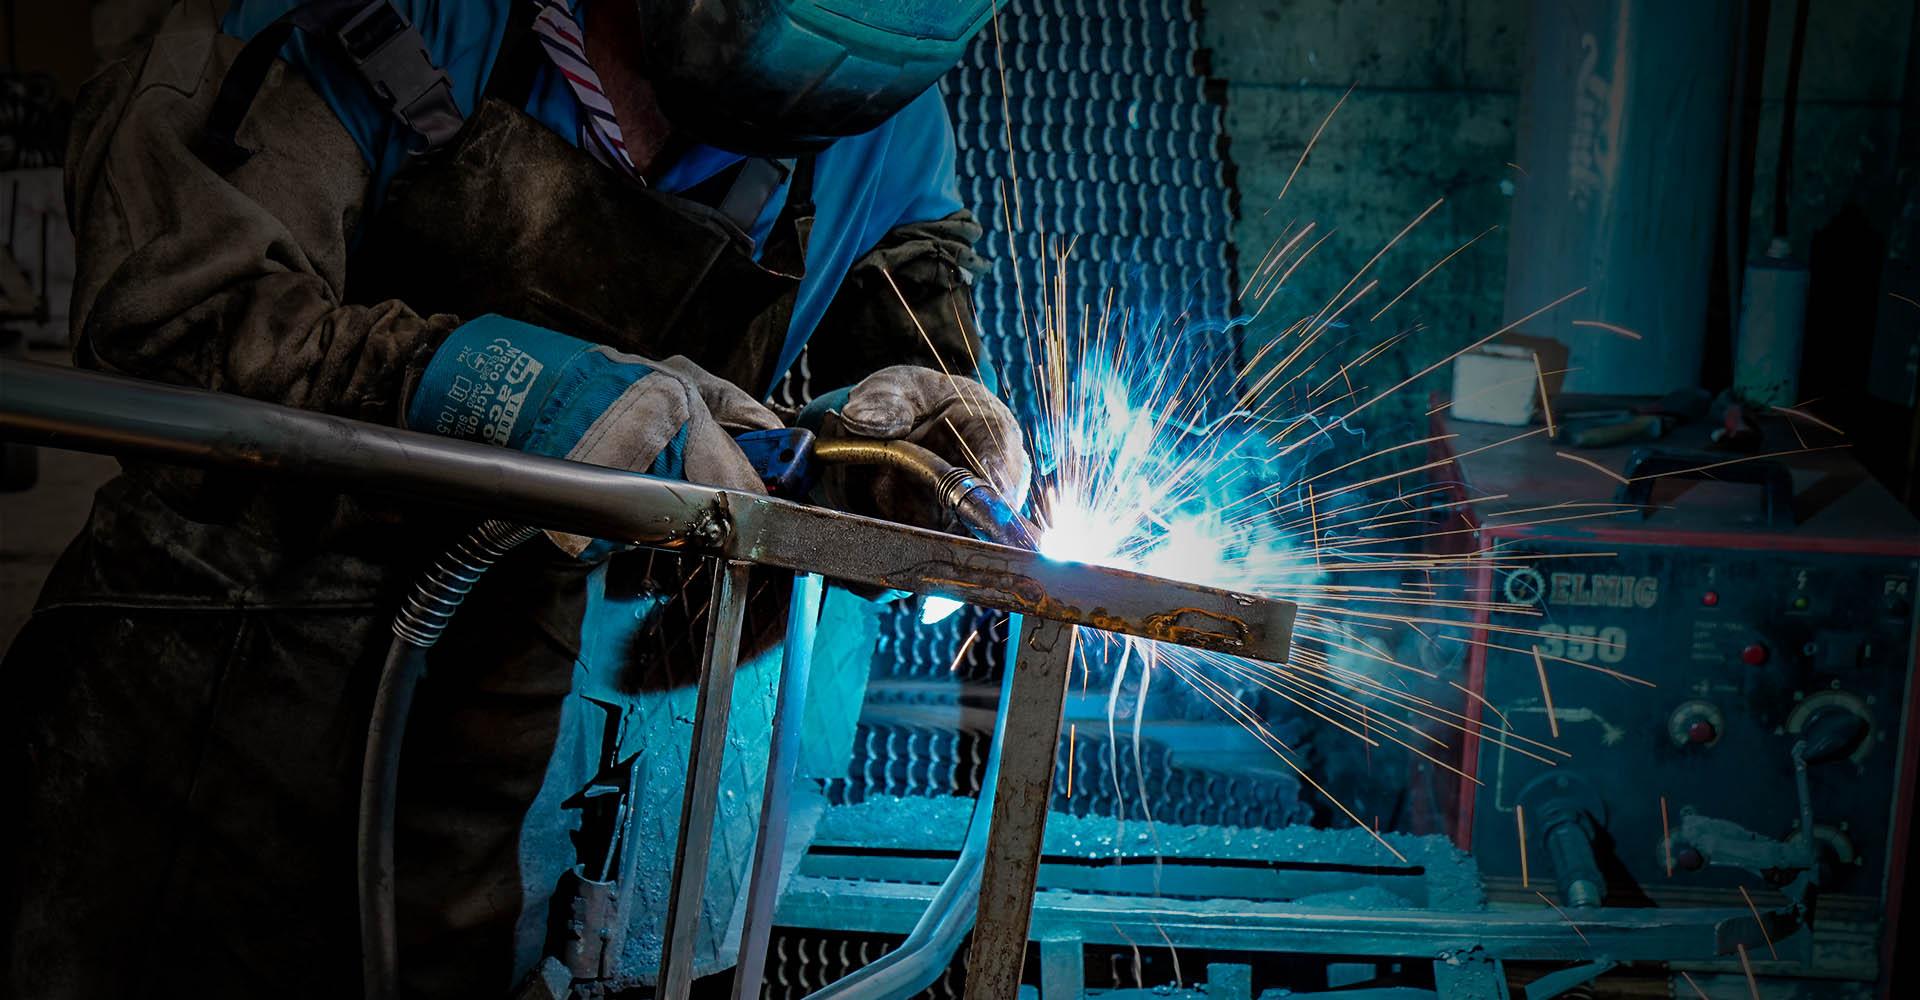 Εργοστάσιο κατασκευής χειραμαξών